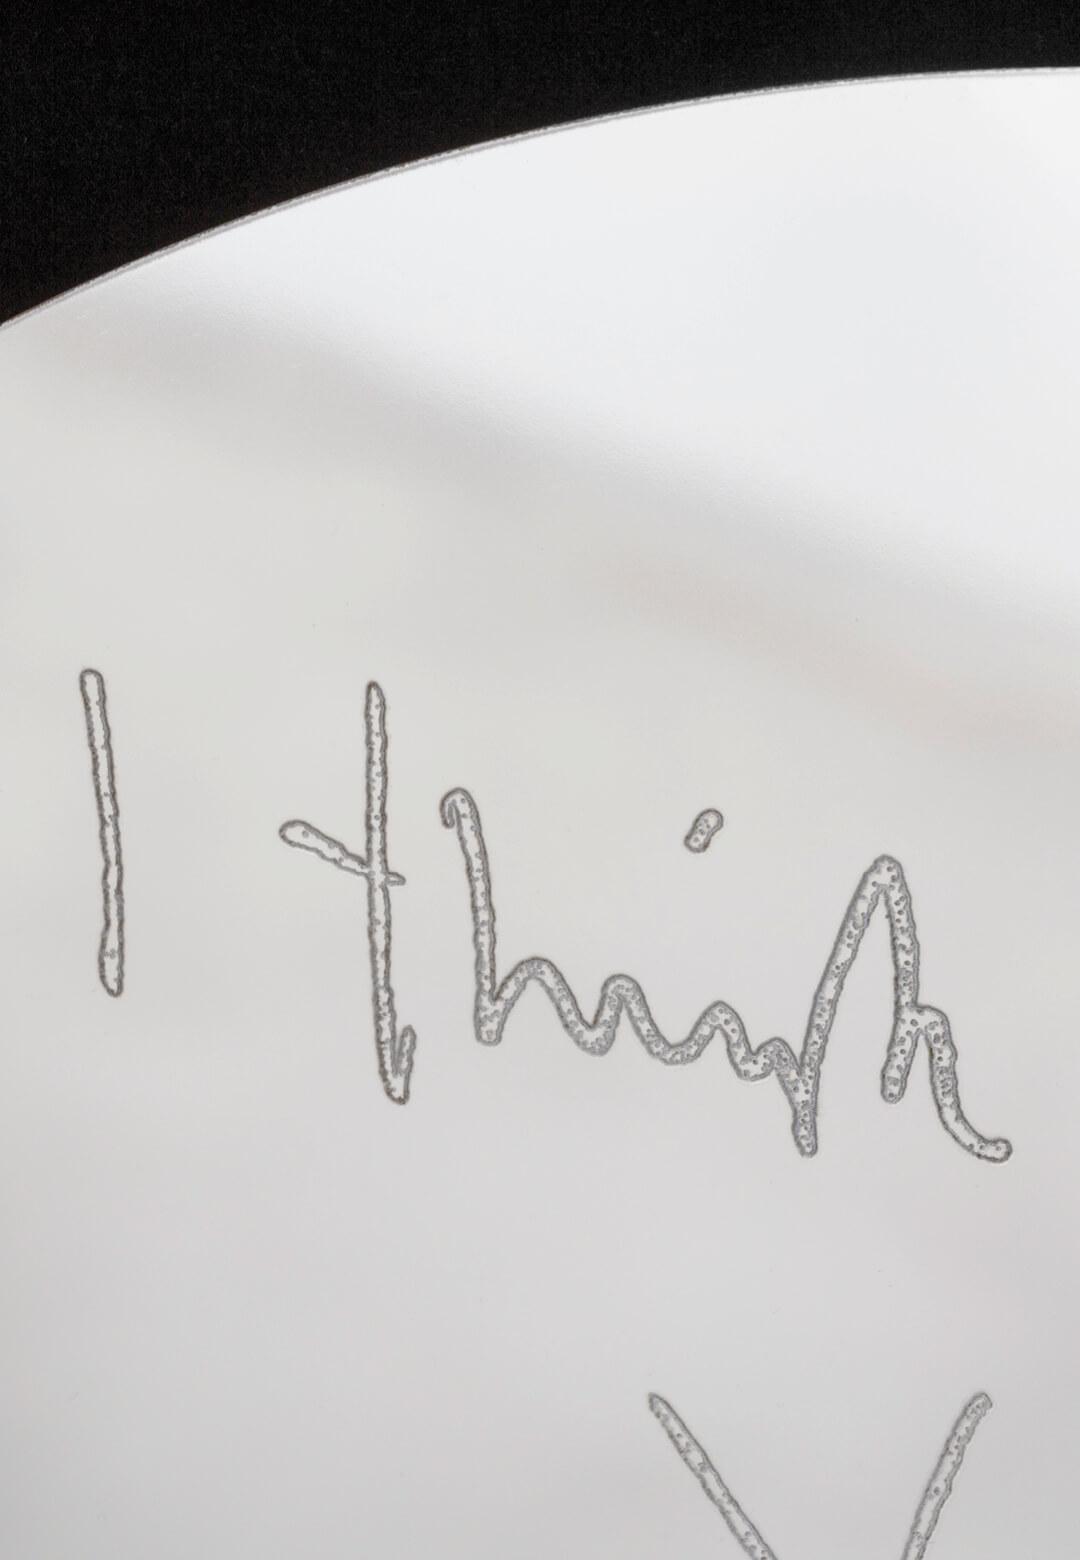 Rirkrit Tiravanija, Untitled (The double moon at noon, Darwin's dilemma)   I draw, therefore I think   Rirkrit Tiravanija   STIRworld